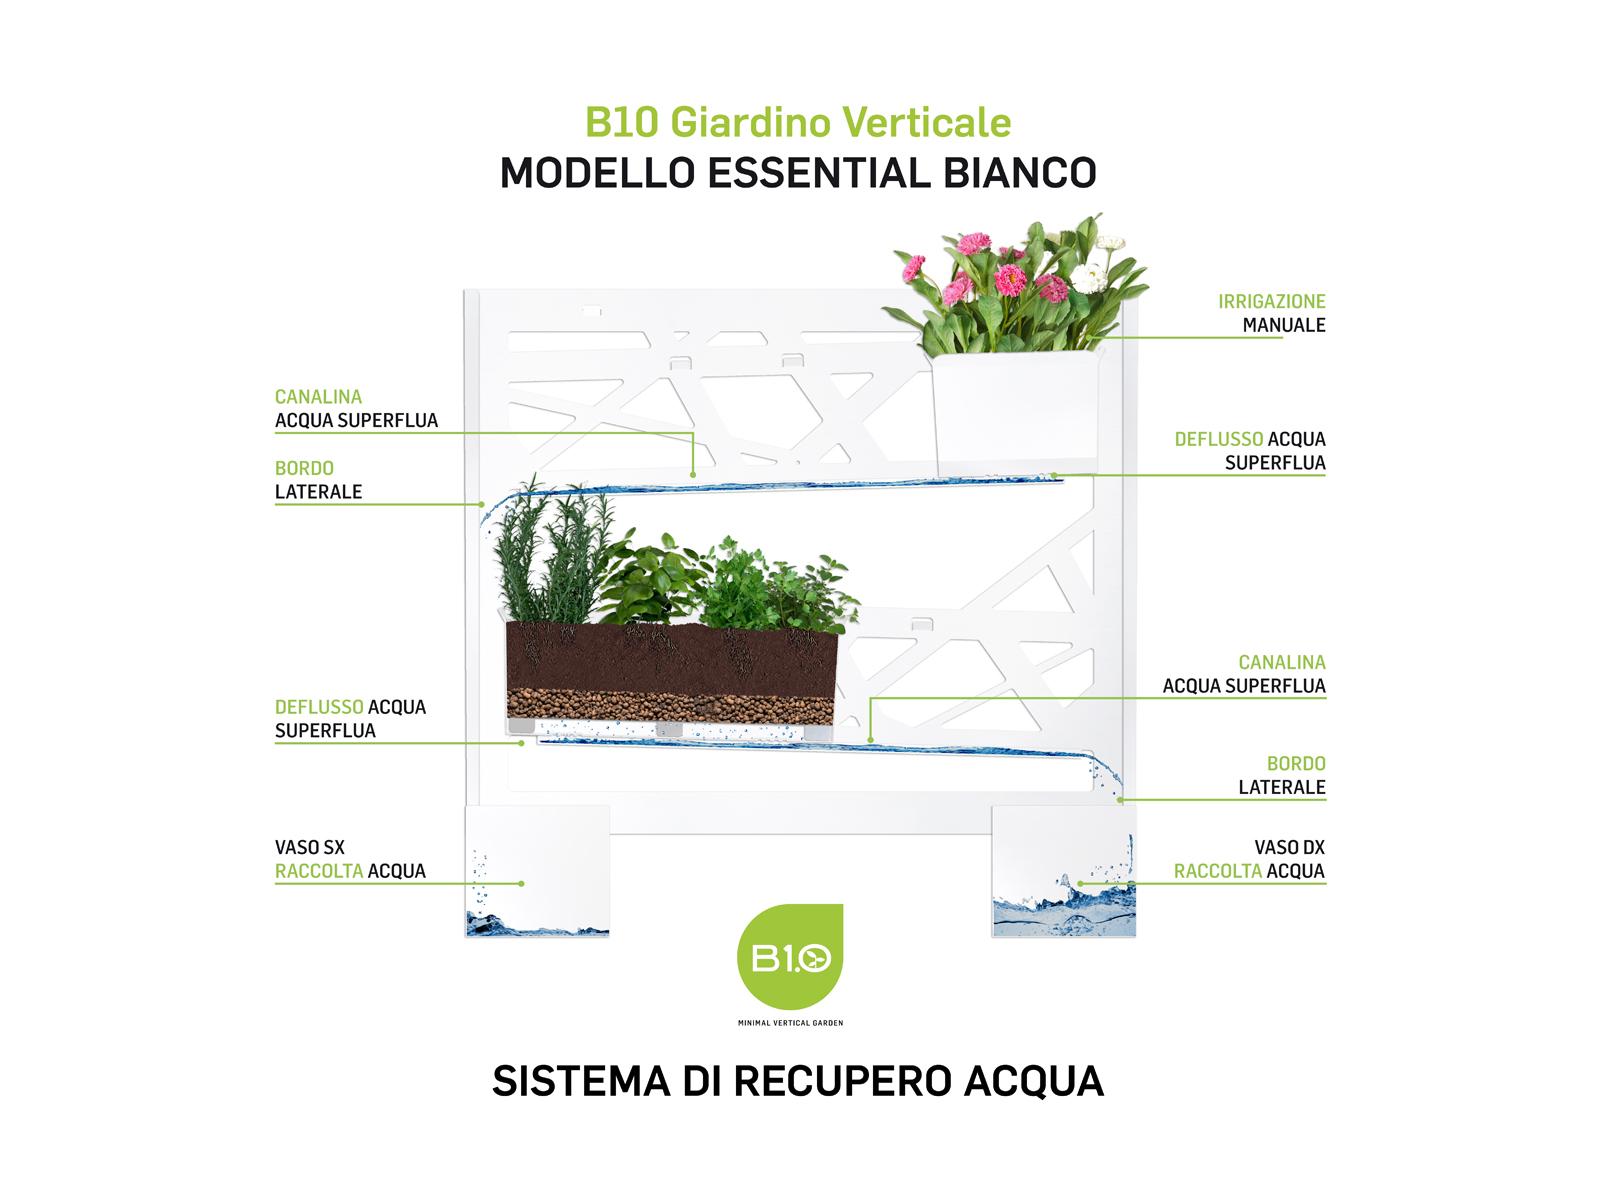 B10 Modello Essential